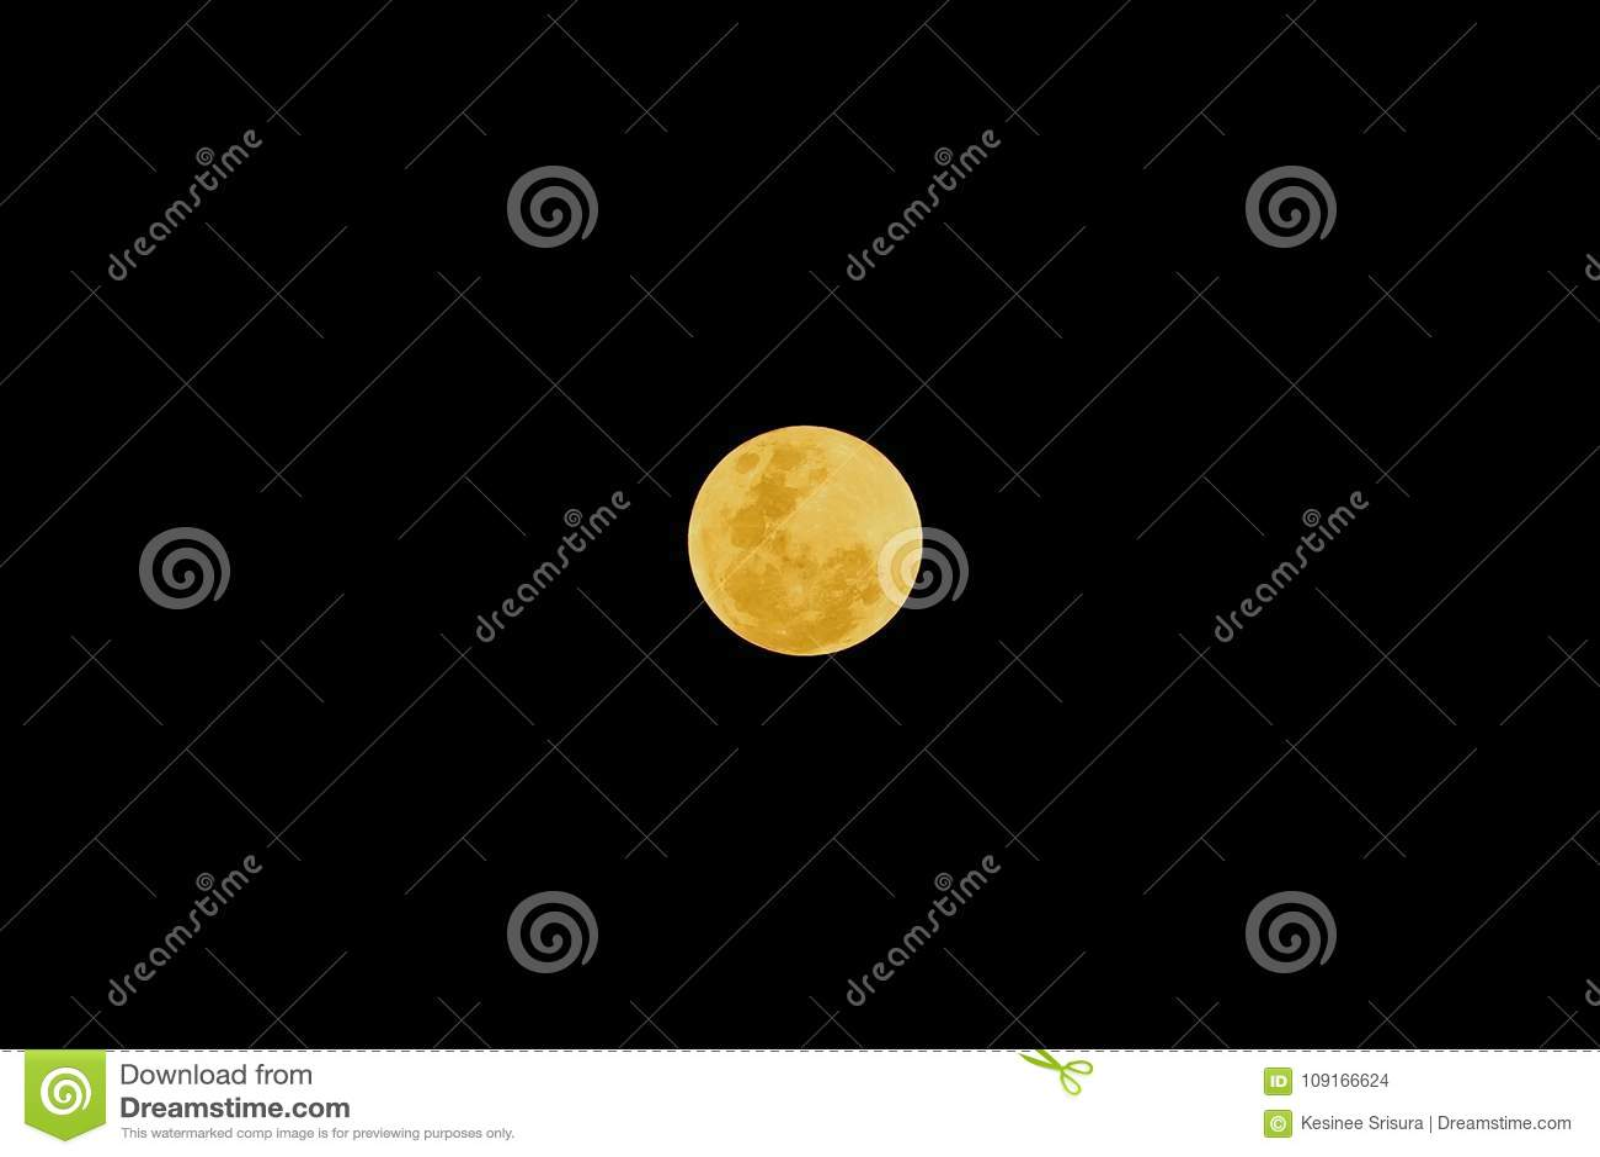 Luna Llena después del eclipse lunar en el fondo oscuro de la noche